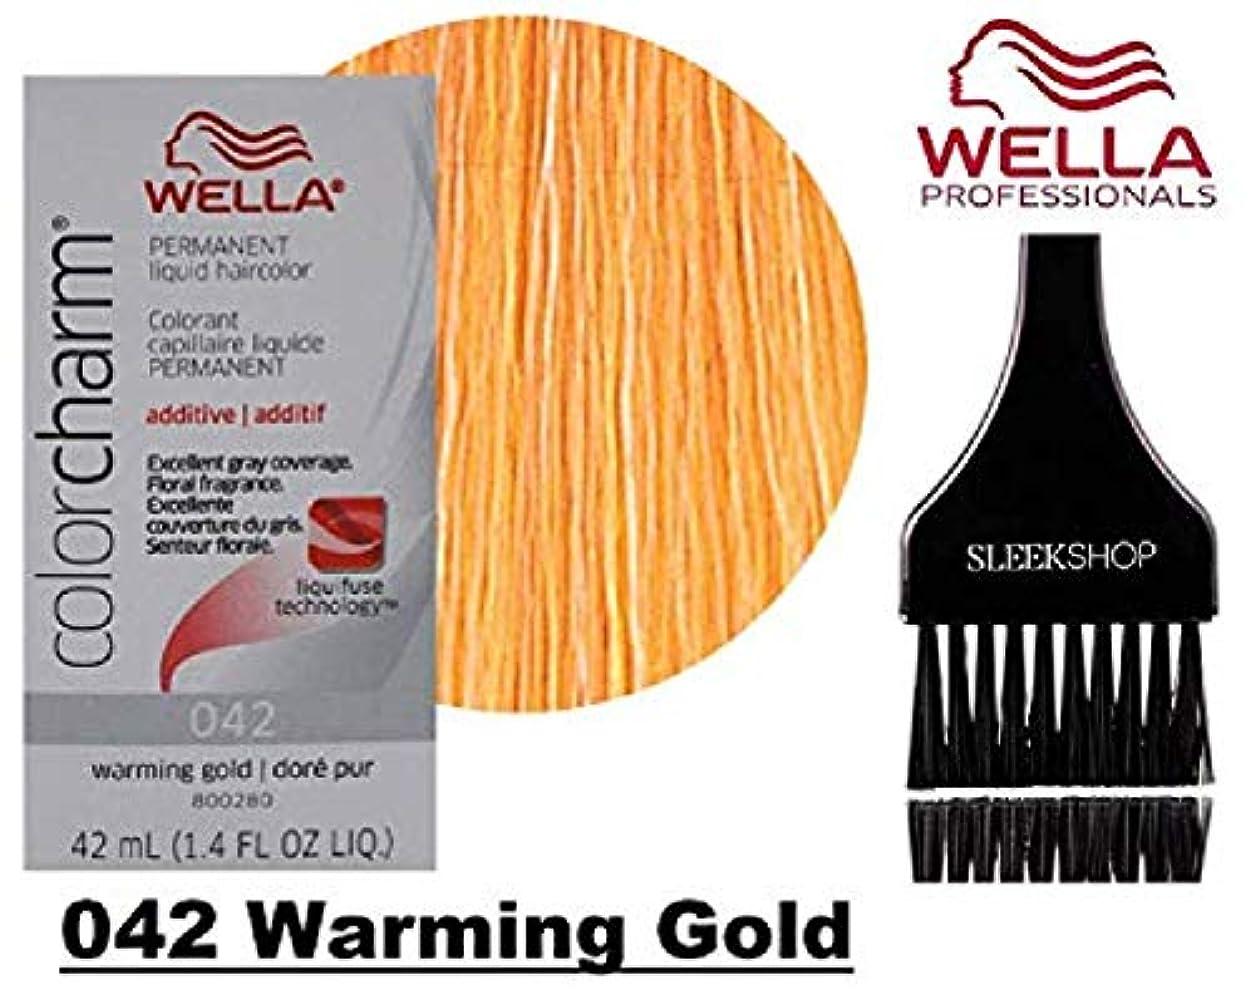 航空機海峡アルネCoty Wella ウエラカラーチャームパーマネントリキッドヘアカラー(なめらかな色合いブラシ)優れたグレーカバレッジ、花の香り、1:2の混合比ヘアカラー色素 042温暖化ゴールド。